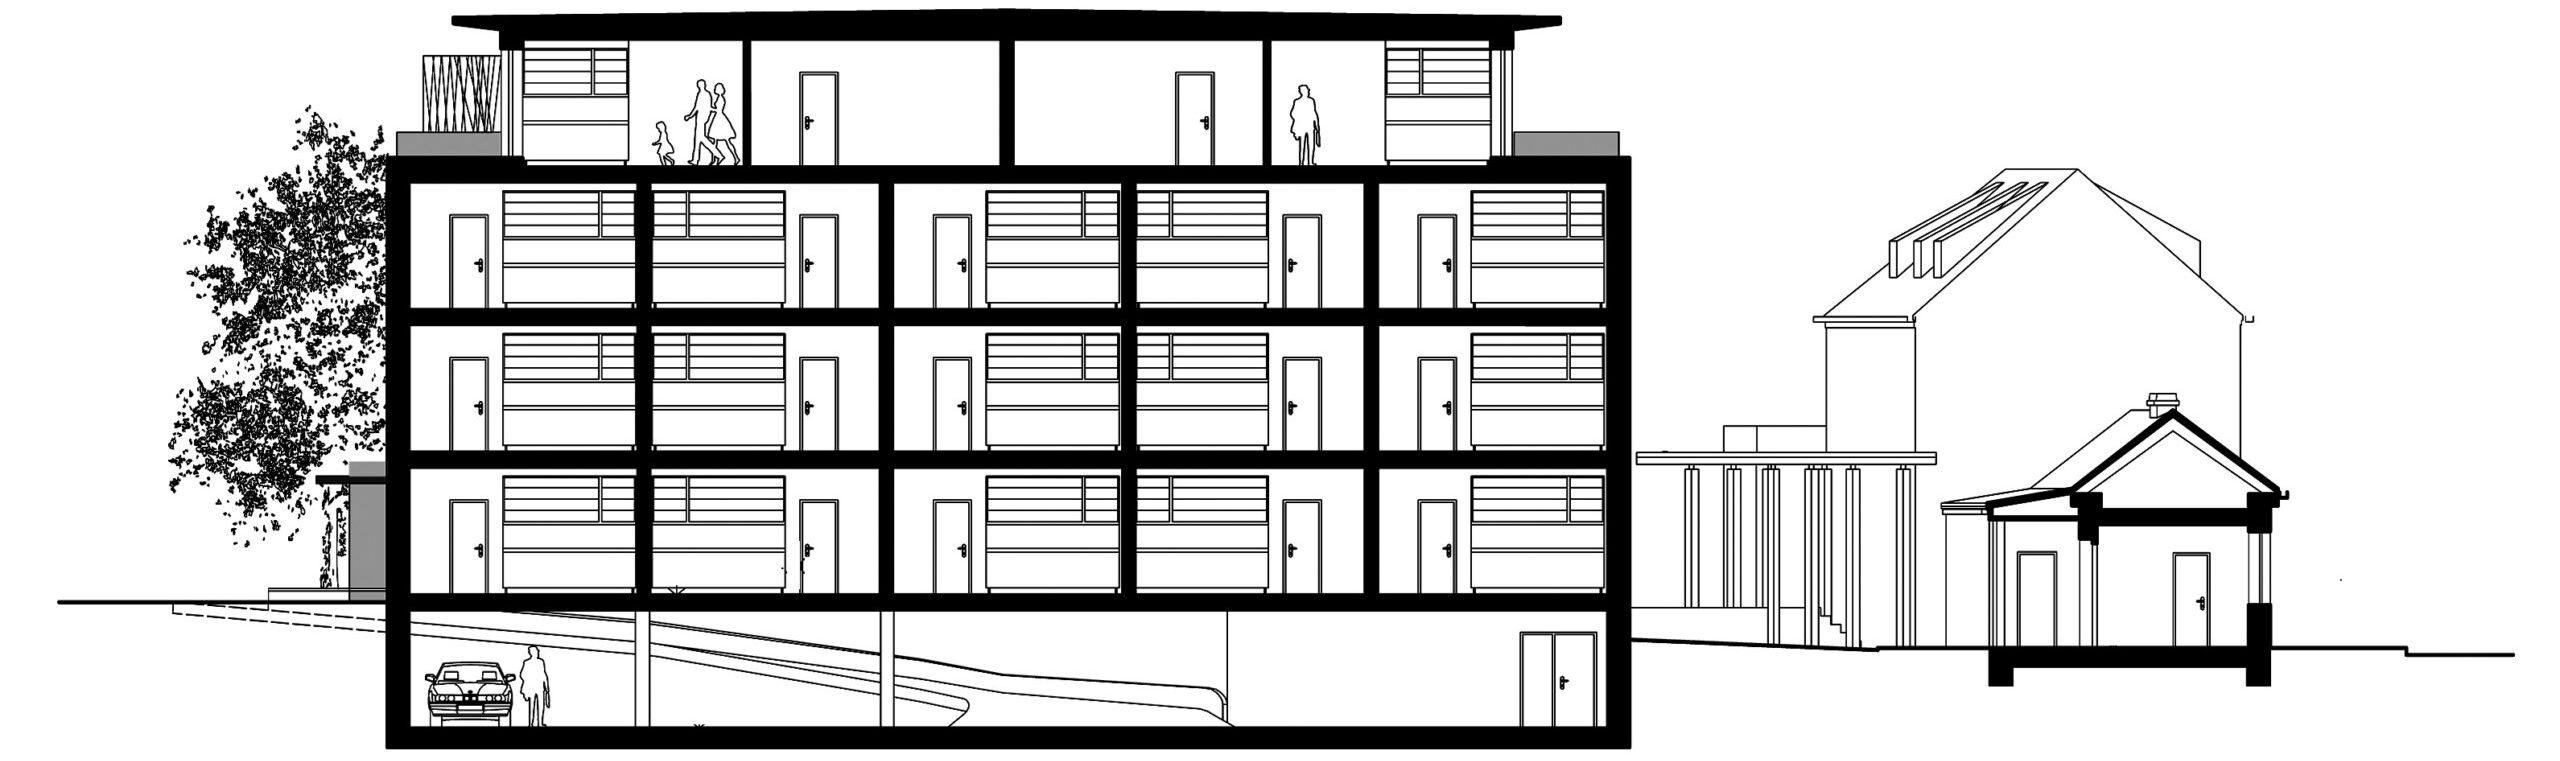 Novostavba obytného domu, Société Civile de la Villa Matisse, Valenciennes, Francie, boční řez